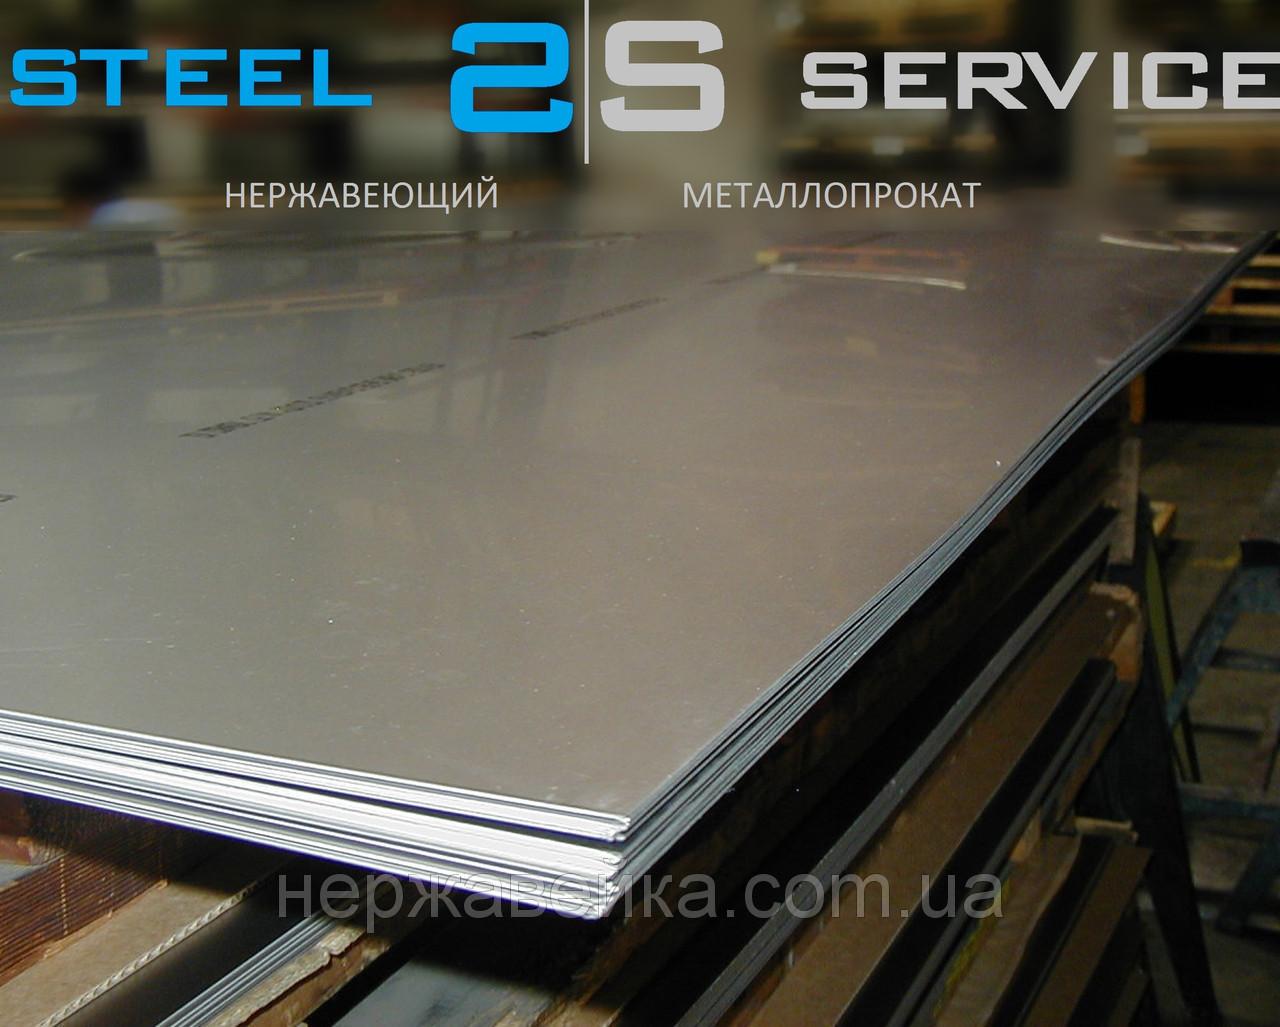 Нержавейка лист 6х1500х6000мм AISI 304(08Х18Н10) F1 - горячекатанный,  пищевой